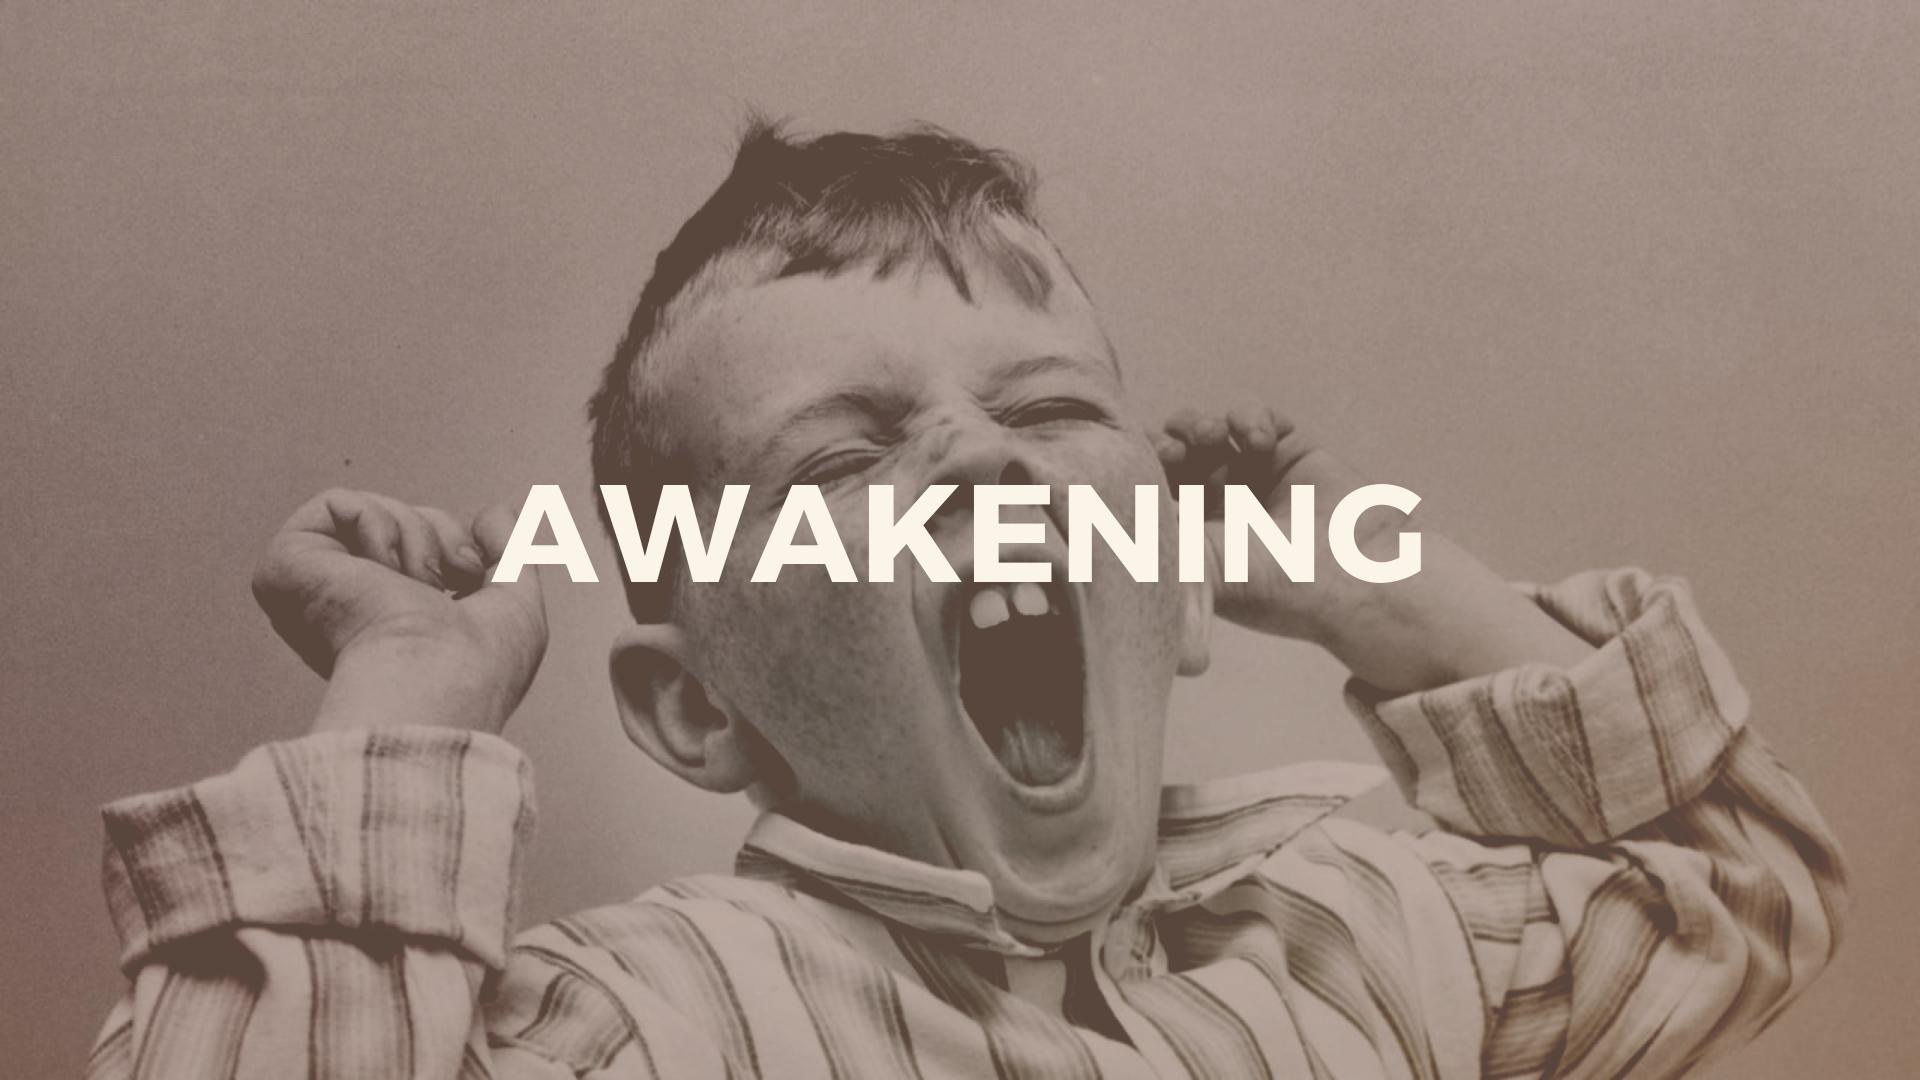 Copy of Awakening.png